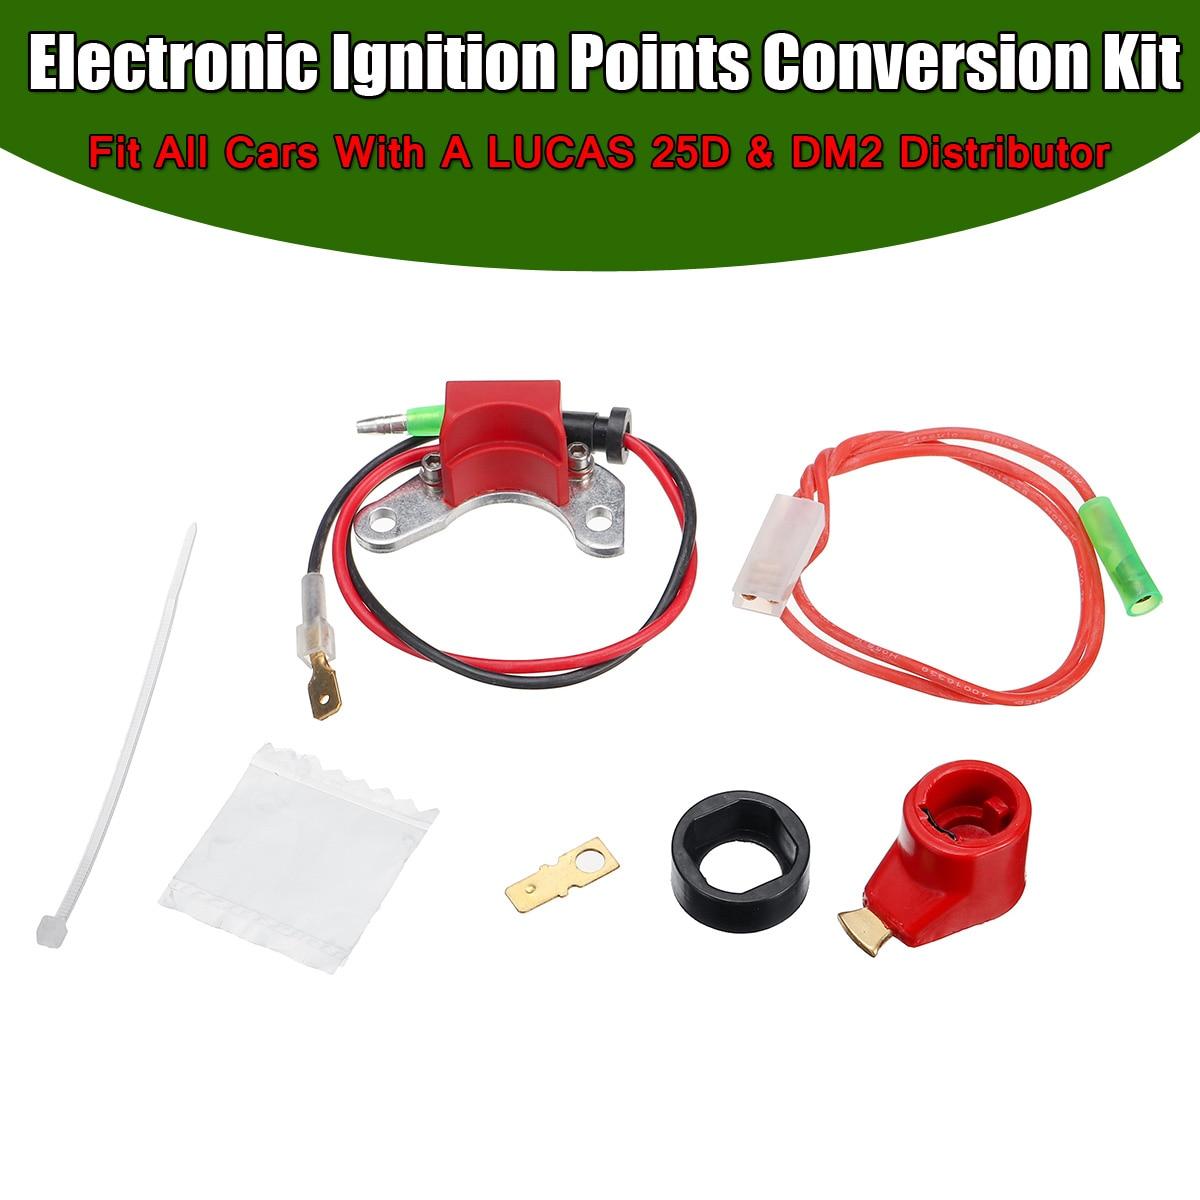 Kit de bobine de distributeur de Conversion de Points d'allumage électroniques pour toutes les voitures pour distributeur LUCAS 25D + DM2